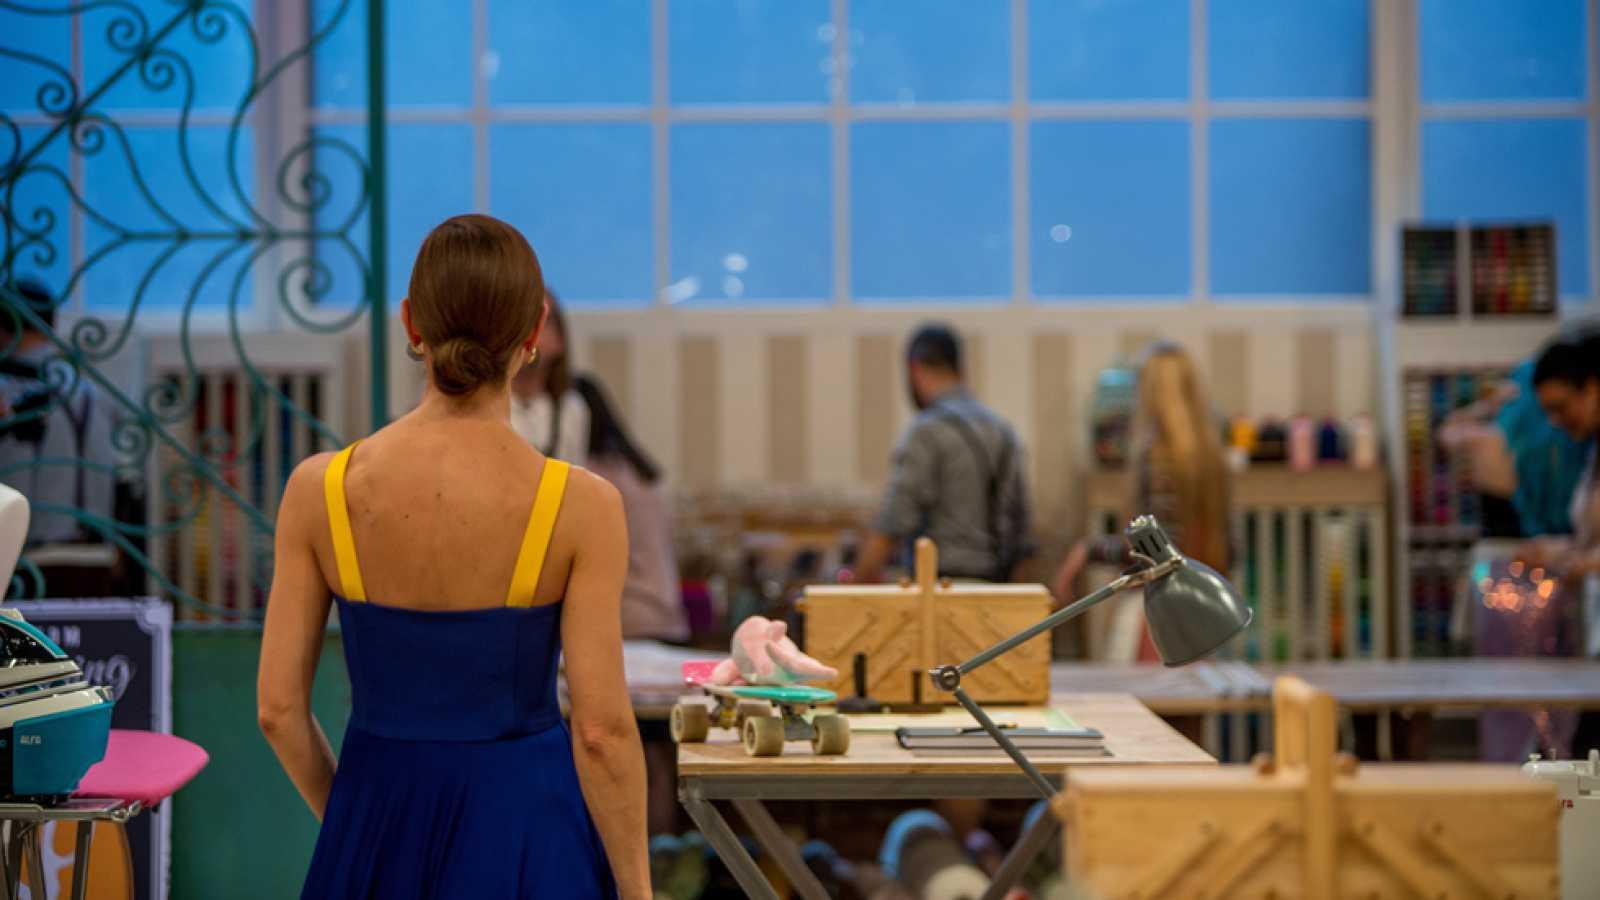 Arranca 'Maestros de la costura', primer 'talent show' de costura en España